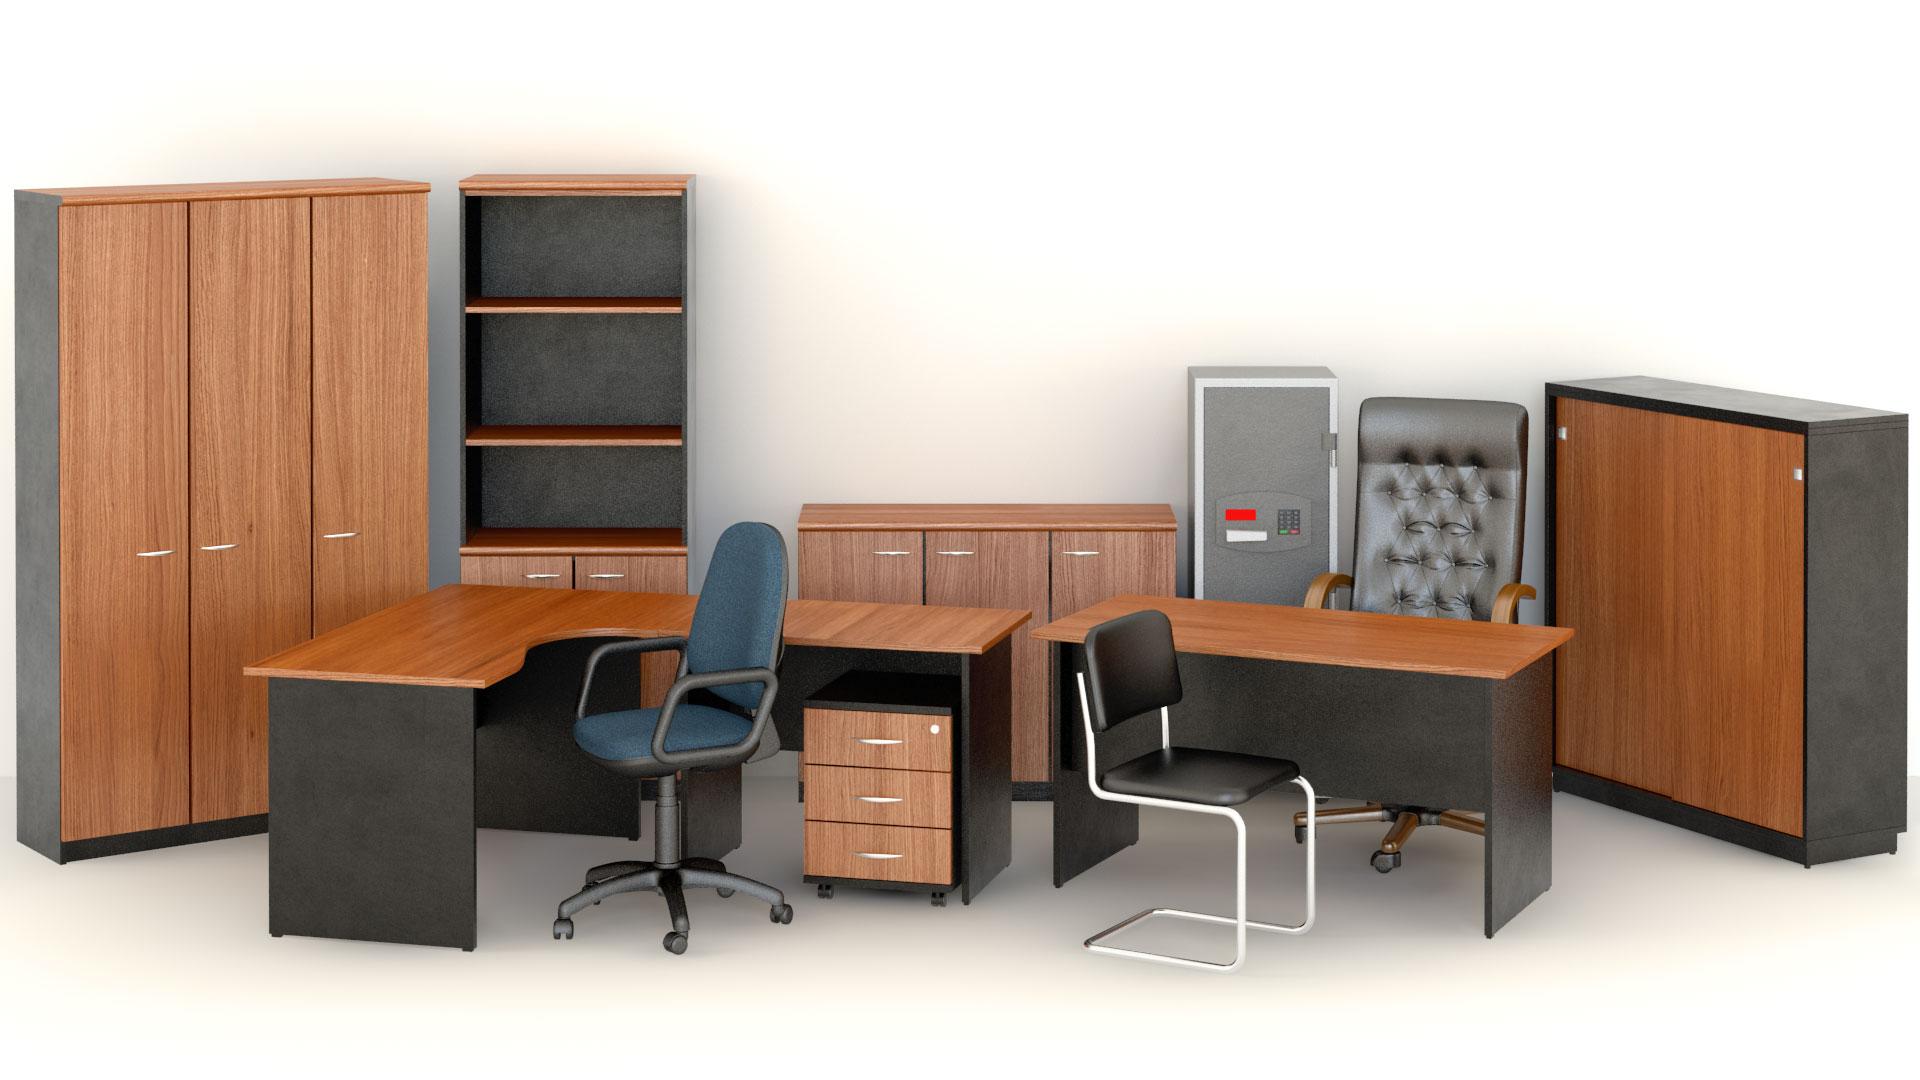 עיצוב הבית לאחר ההובלה הצוות שלנו ידאג לא רק לפרוק את החפצים שלכם בזהירות ובבטיחות, אלא גם לסייע לכם בעיצוב הבית ומציאת פתרונות אחסון לוגיסטיים, על מנת להפוך את המעבר לקל וחלק כמה שיותר.   אריזת משרדים החברה מעניקה שירות גם למגזר העסקי, ומתמחה באריזת משרדים ומיון וקטלוג החומרים הנדרשים, כולל טיפול מלא בניירת ושמירה על ציוד הקצה של העסק.